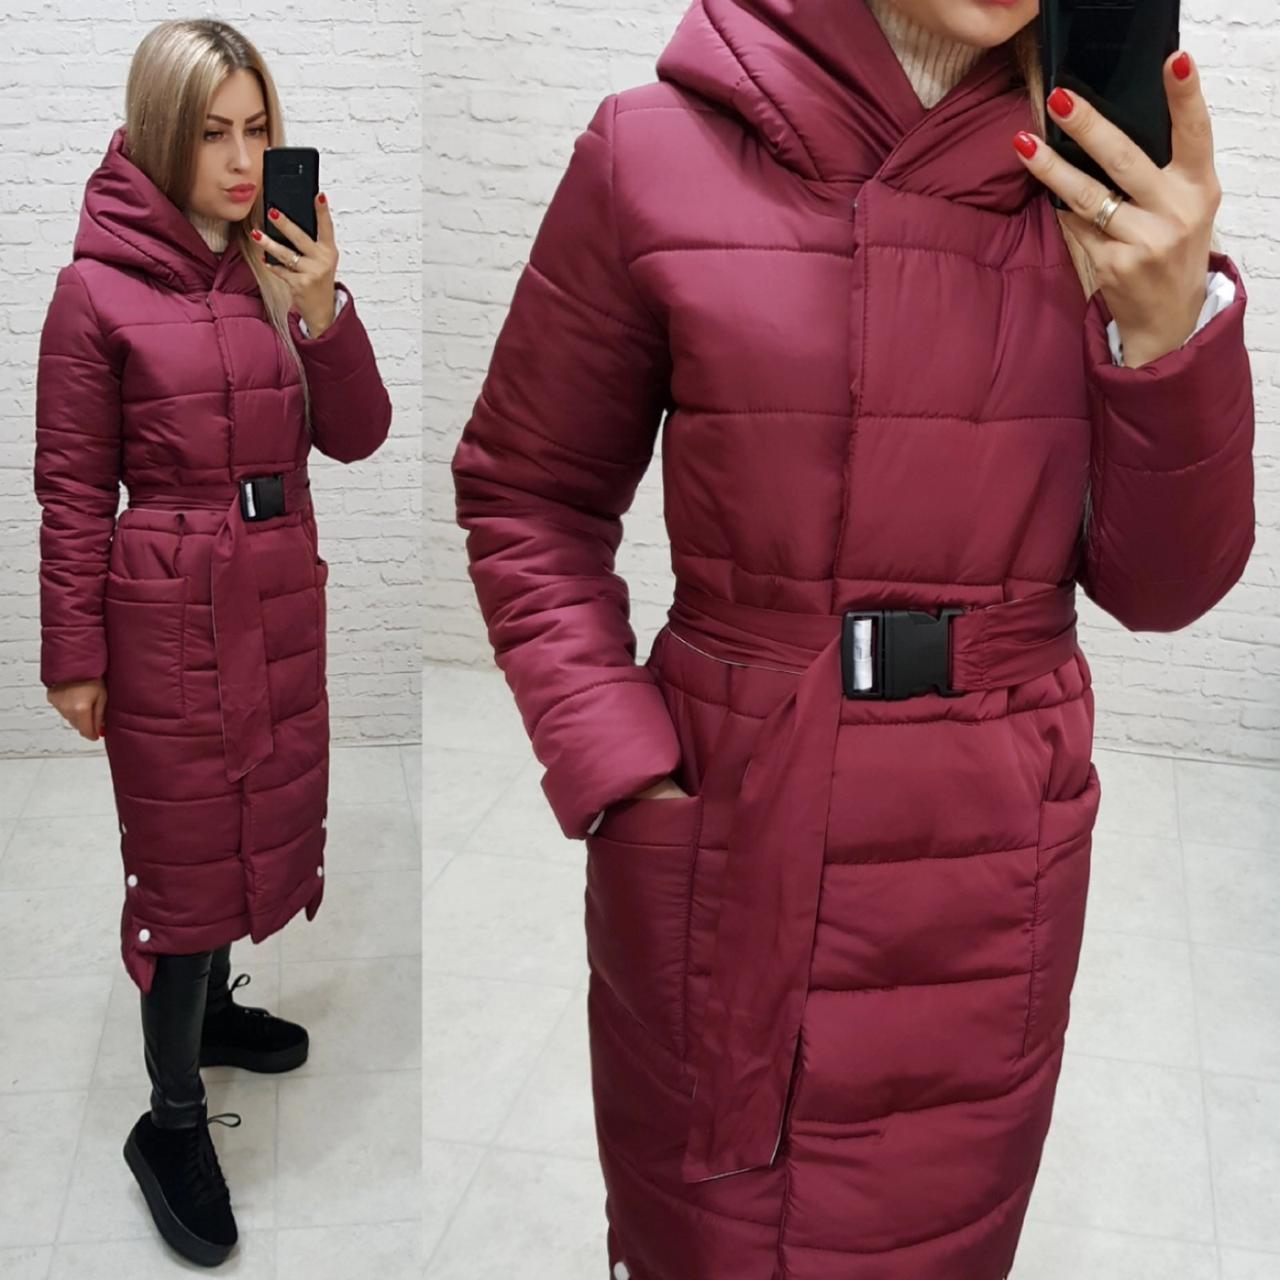 Зимнее тёплое пальто с поясом и капюшоном, артикул 032, цвет марсала